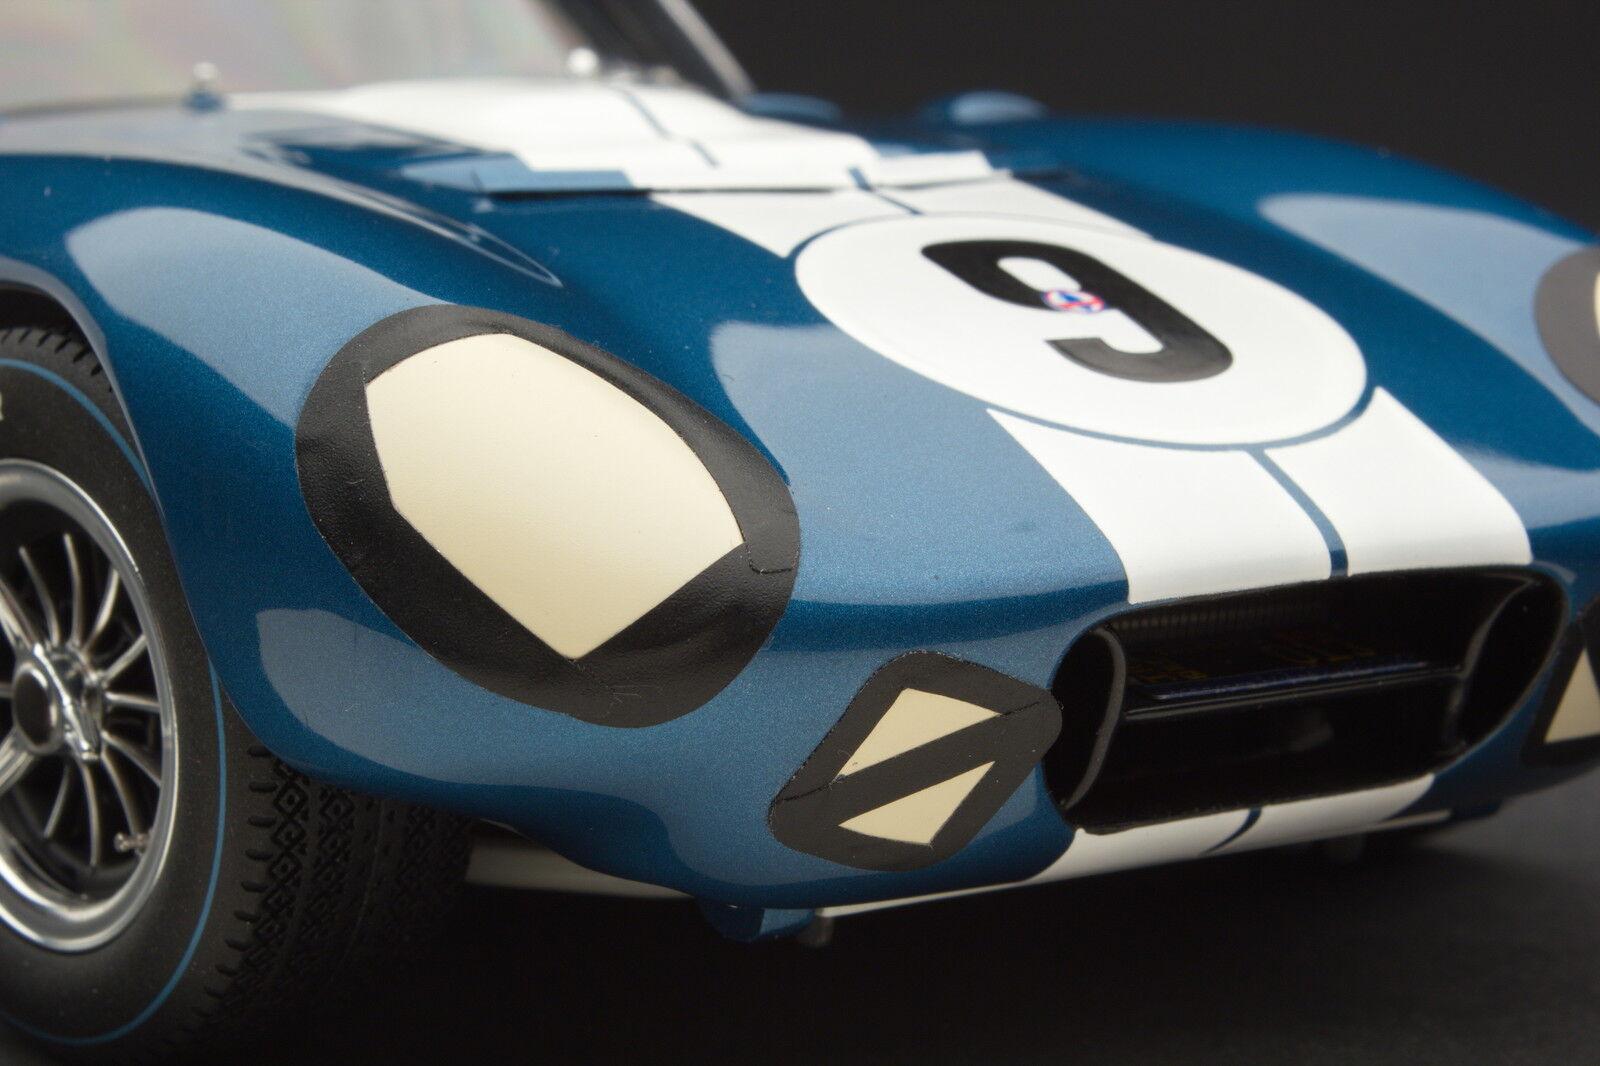 Exoto 1965 Cobra Daytona Coupé  le uomos  Auto No. 9  1 18   RLG18009B